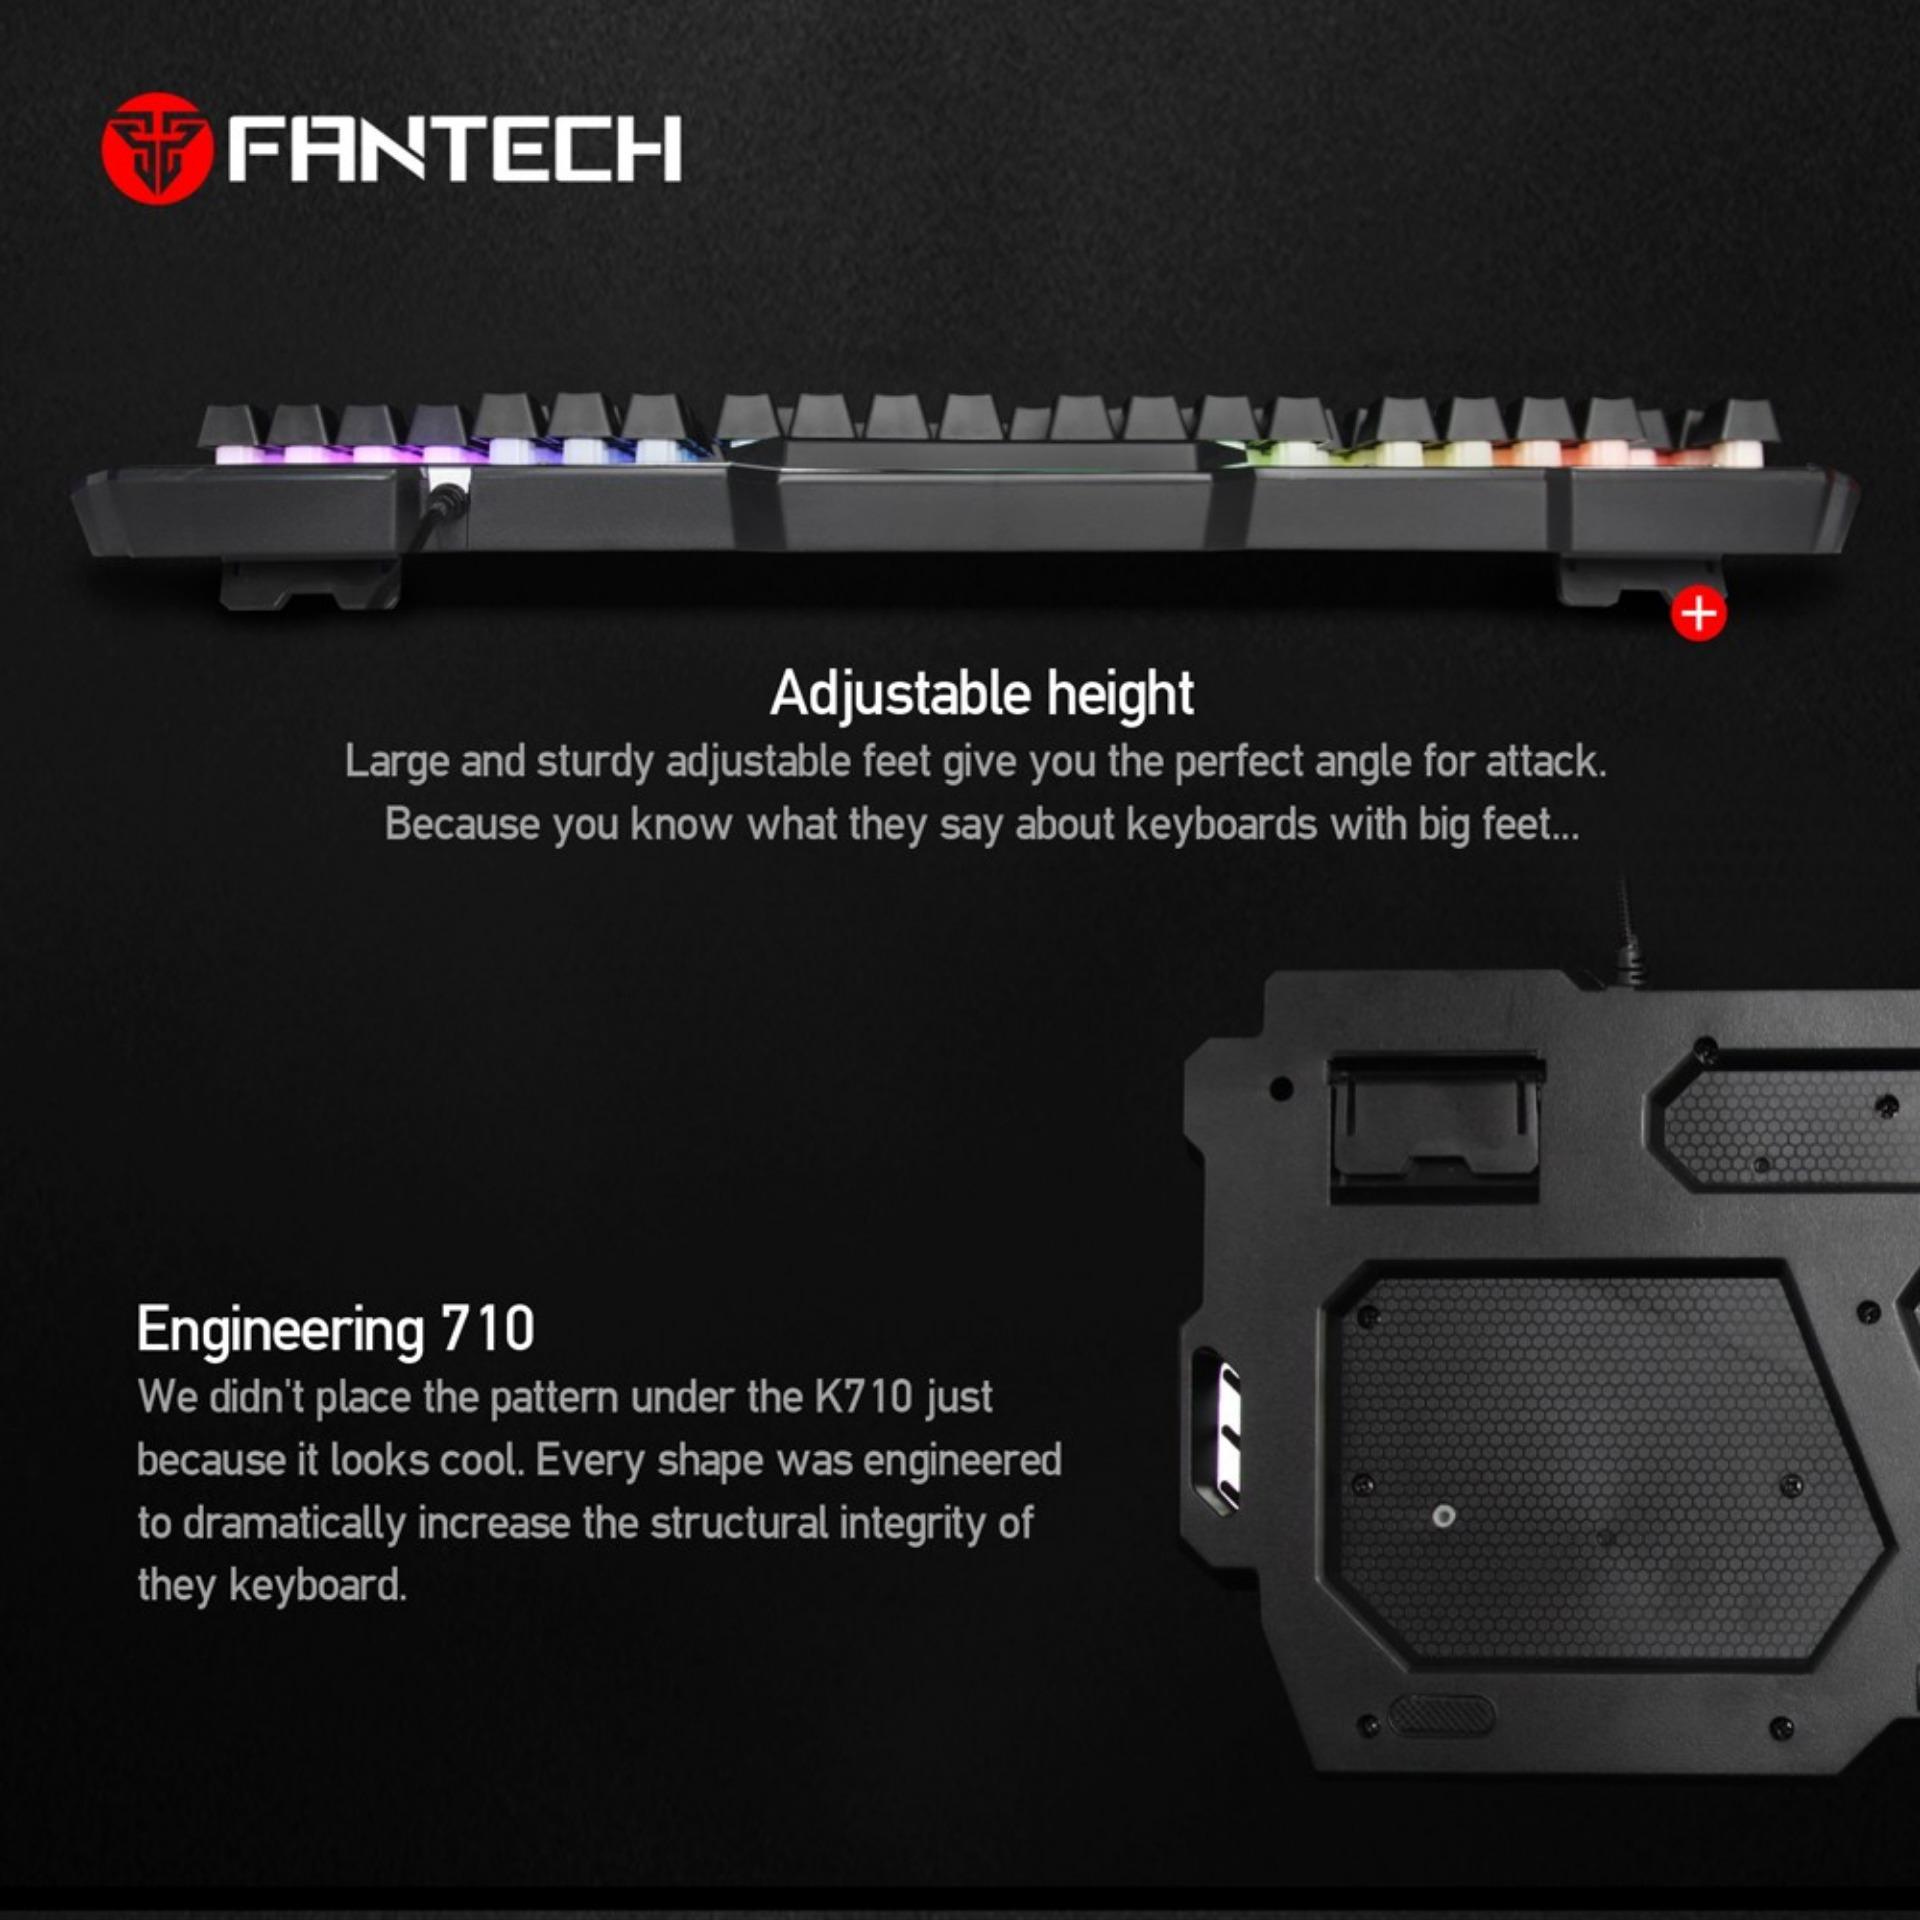 Harga Saya Fantech Keyboard Semi Mechanical K710 Bandingkan Toko Predator Mt K9340 Gaming